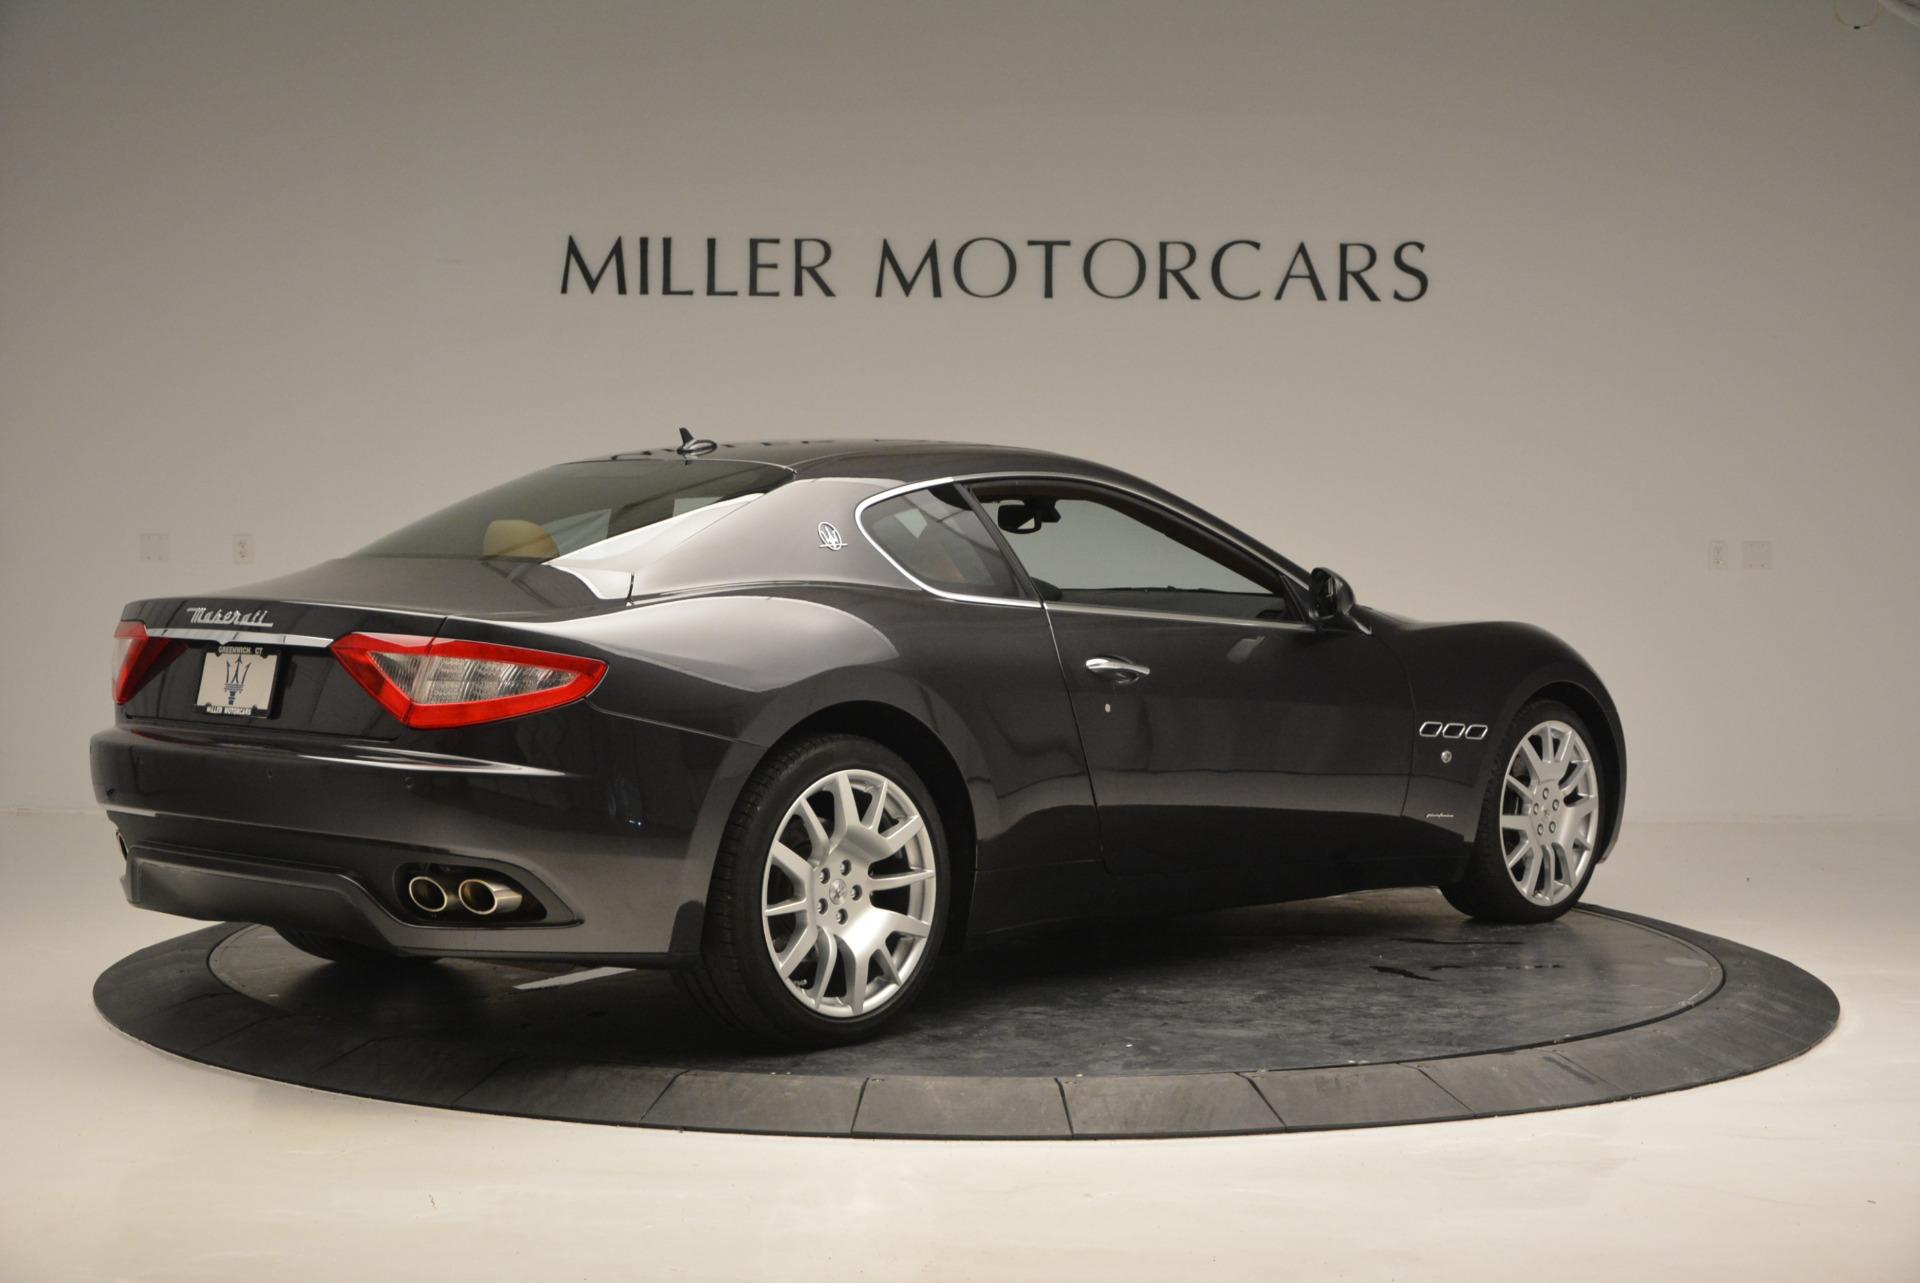 Used 2011 Maserati GranTurismo  For Sale In Greenwich, CT. Alfa Romeo of Greenwich, 7128 816_p8